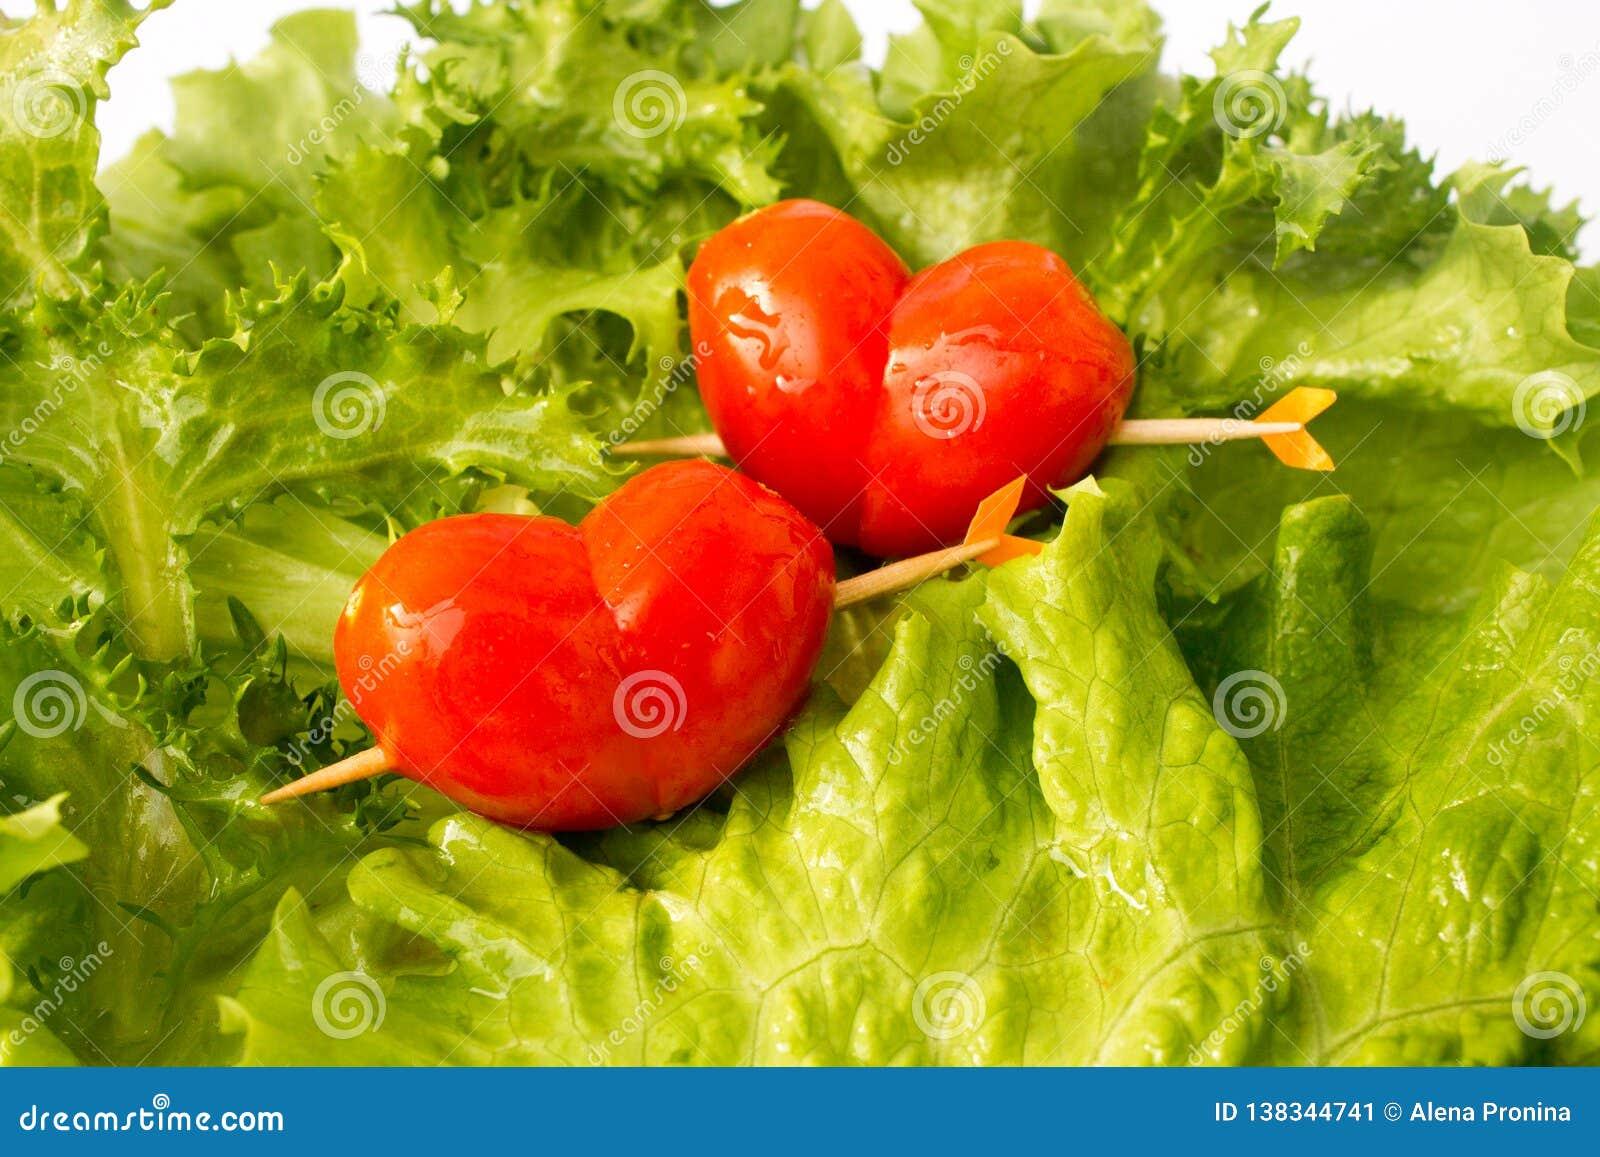 Cereza roja del tomate dos en el slidce verde de la ensalada y del limón del iceberg